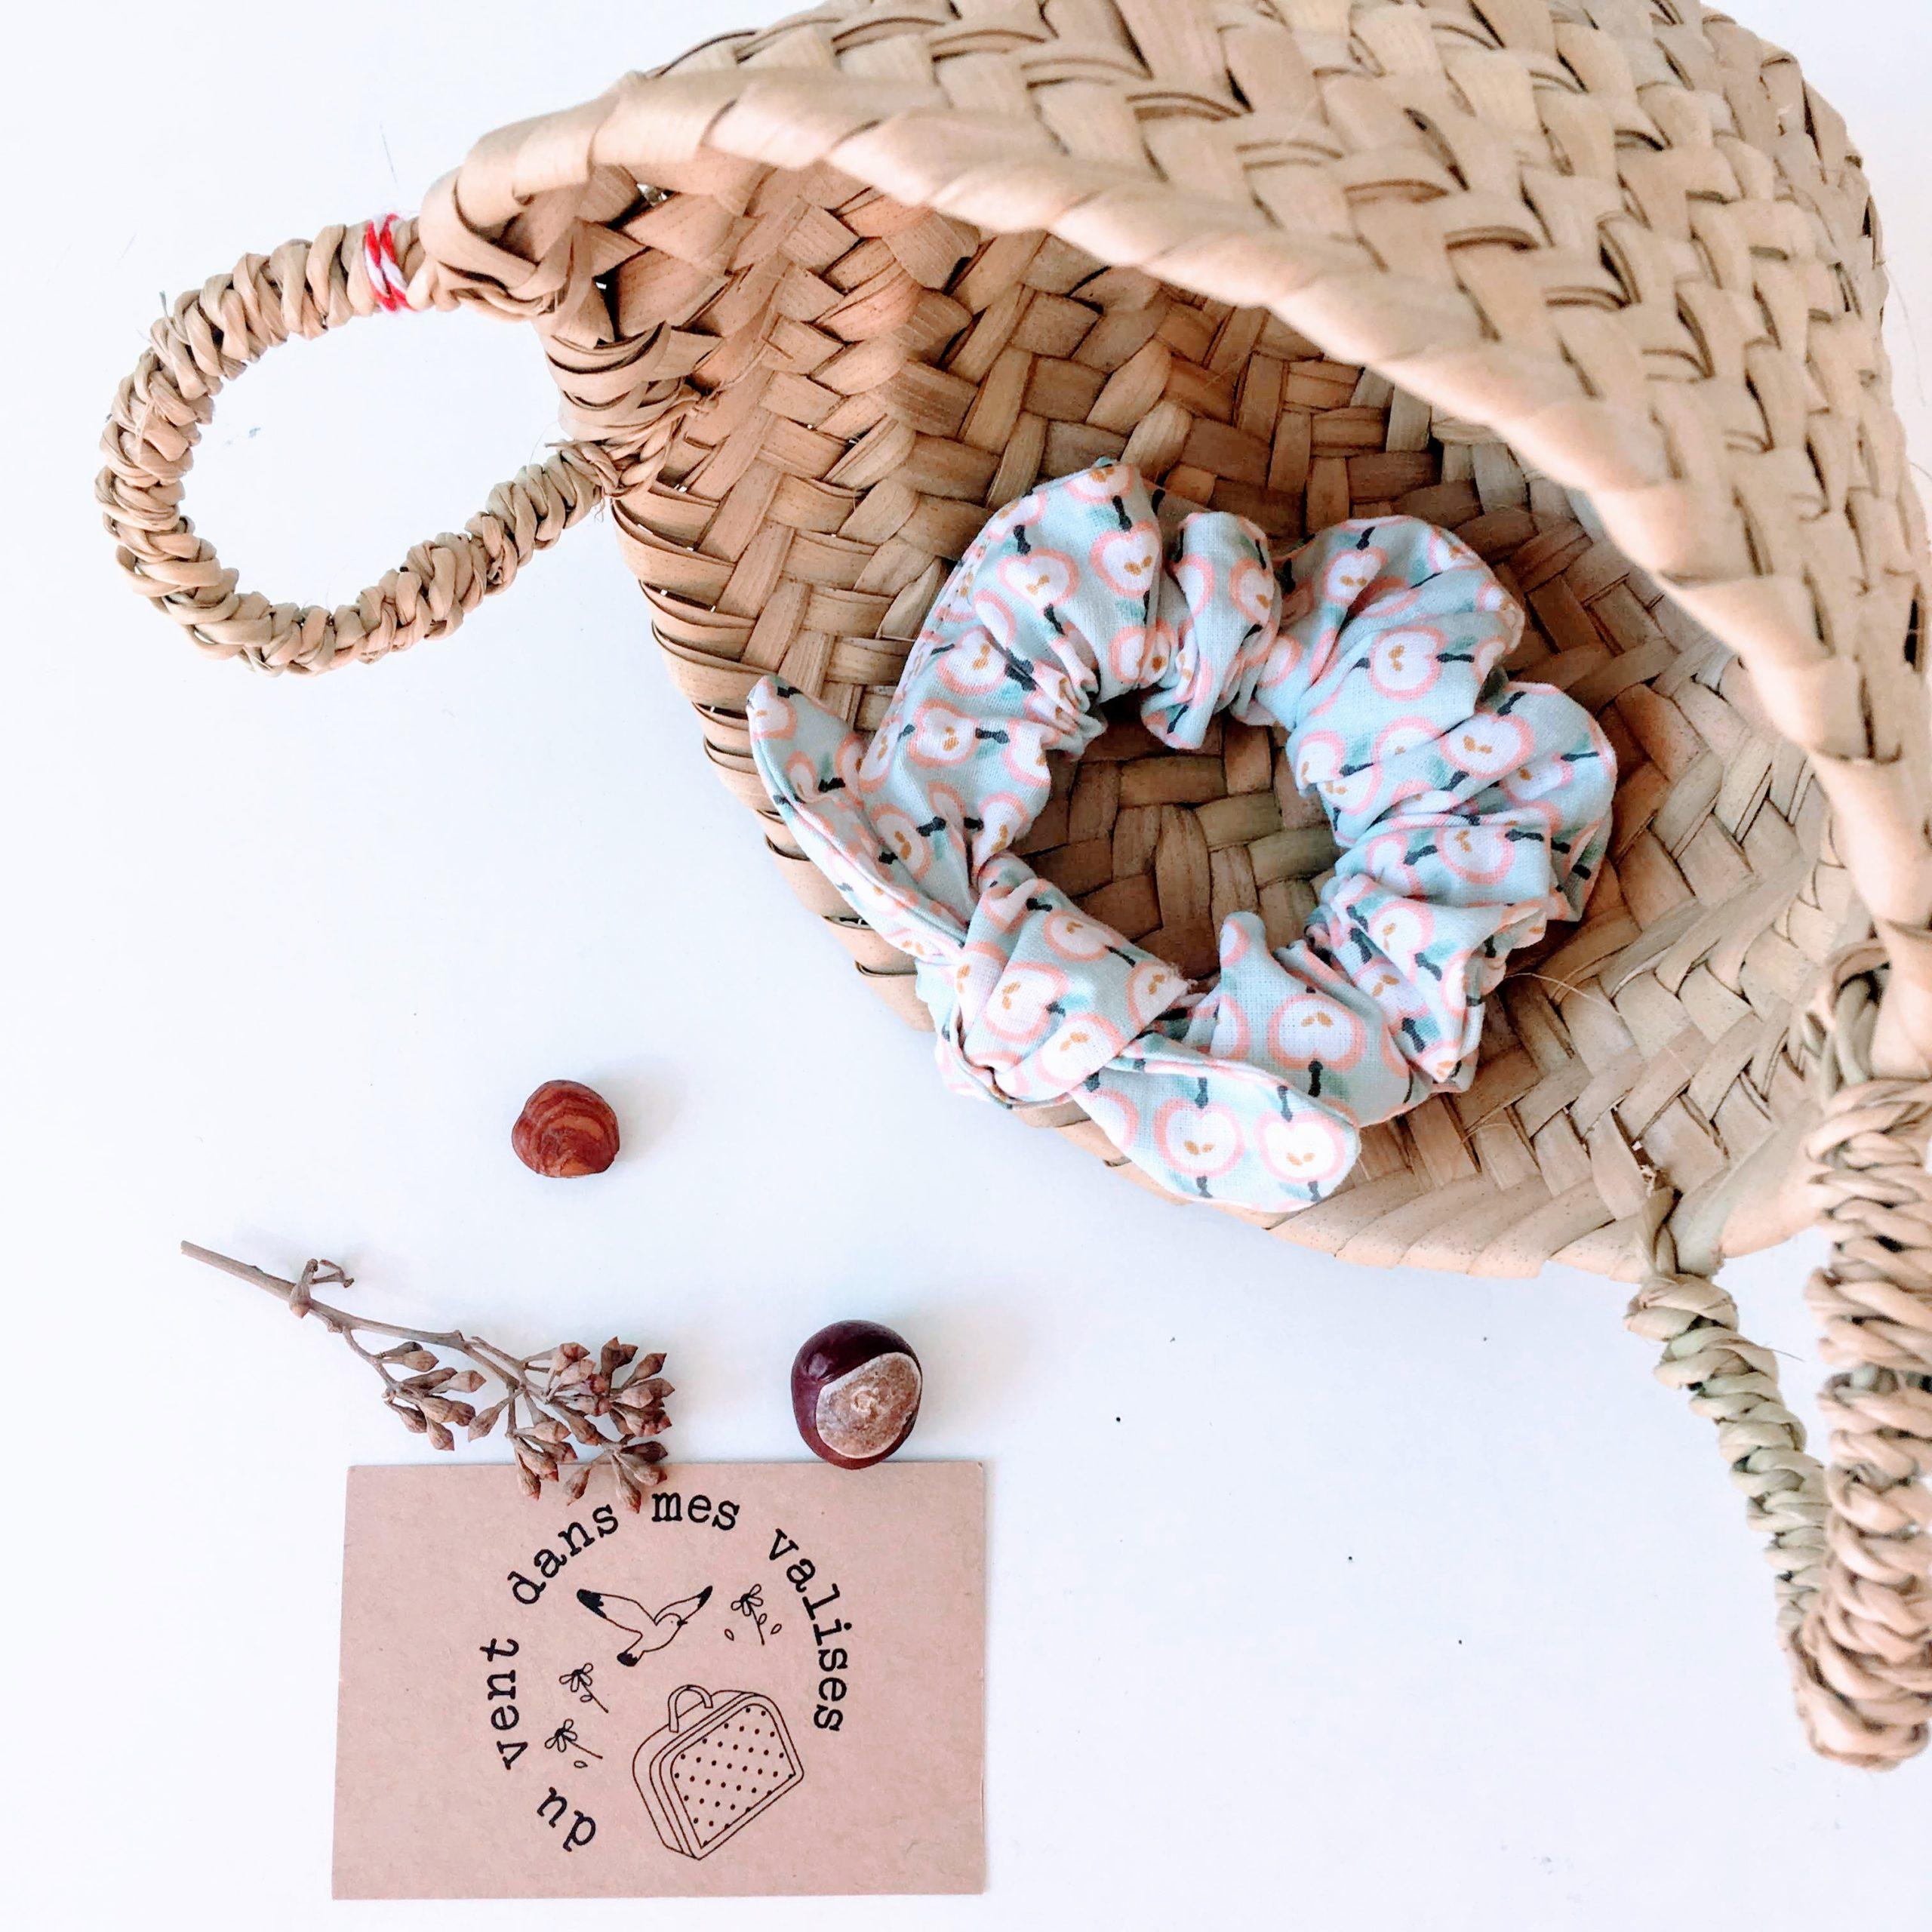 du vent dans mes valises - chouchou chou pommes made in France